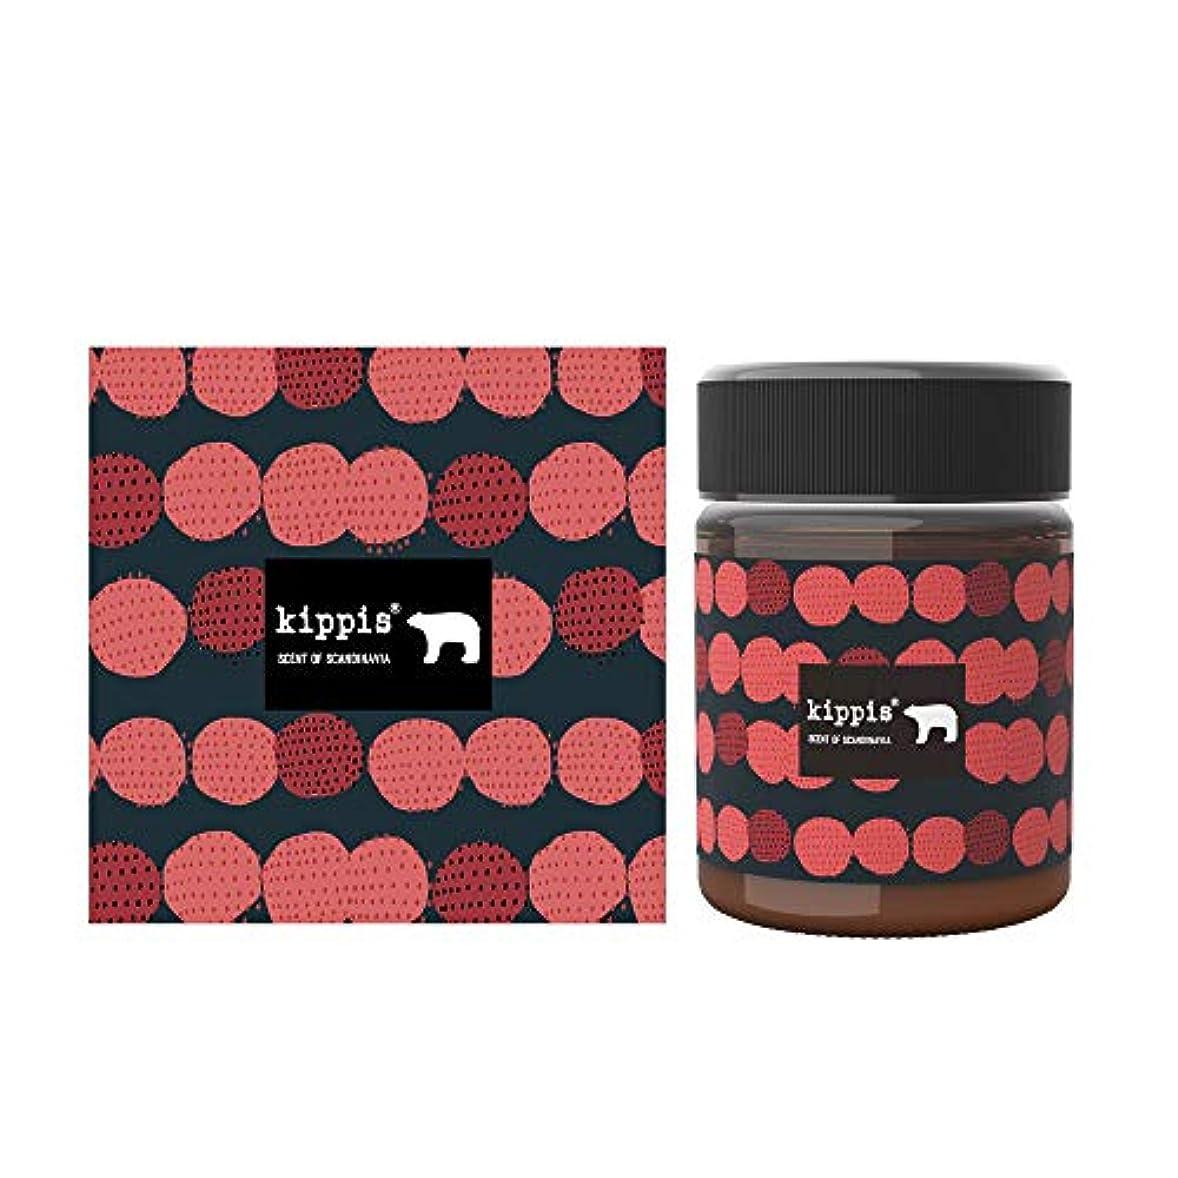 スクリーチ疑いネコキッピス 髪と肌のトリートメントワックス(甘酸っぱい真っ赤なベリーの香り)40g